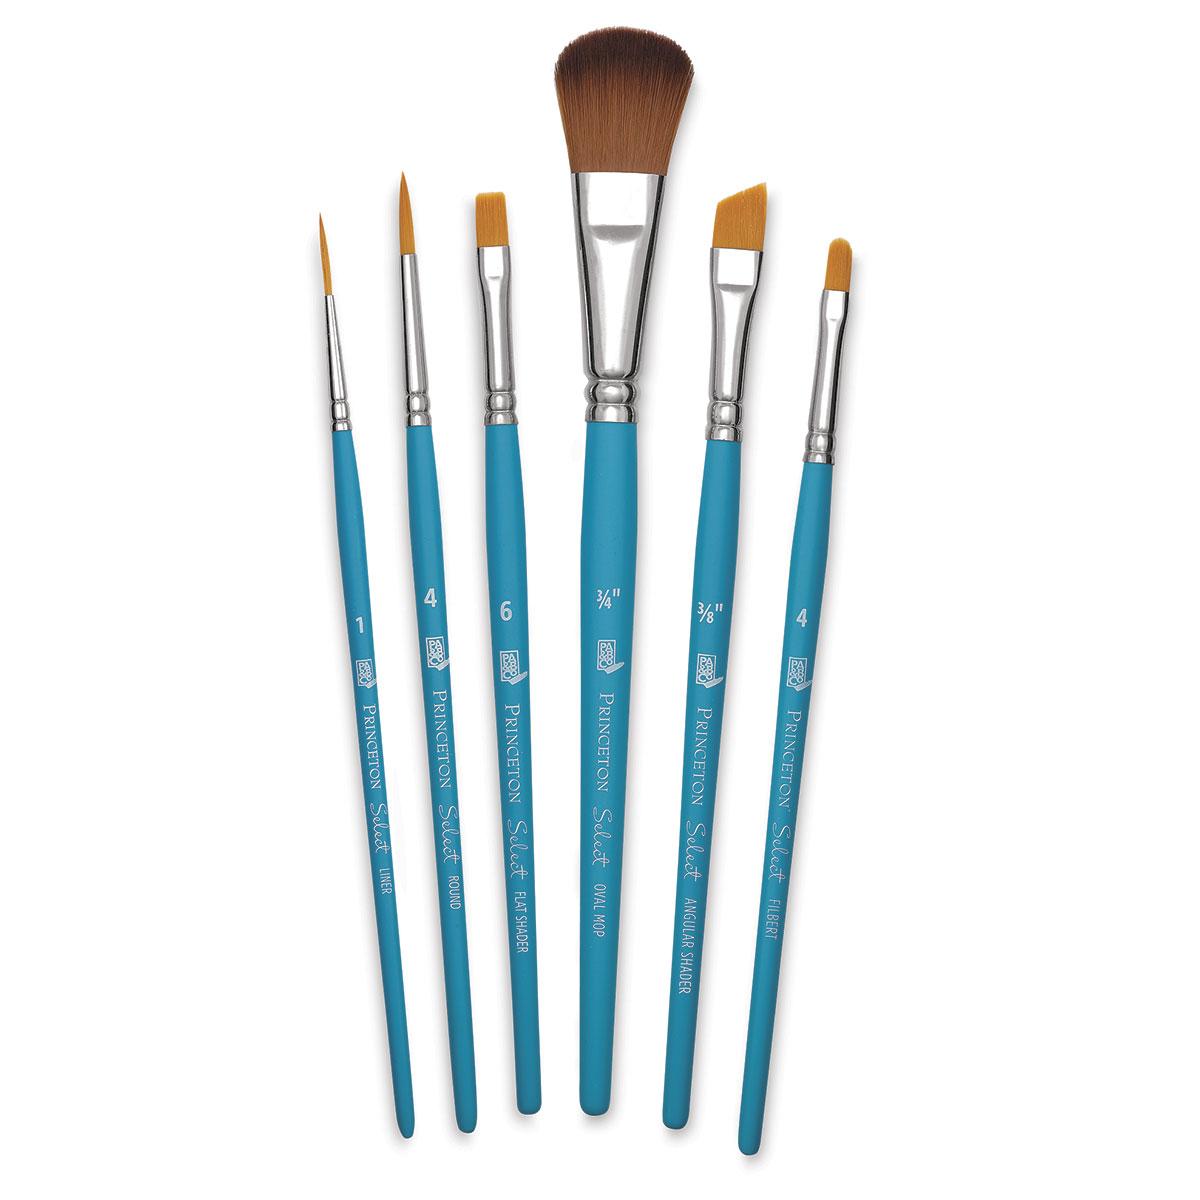 Princeton Art /& Brush Select Bristle Brush Pointed Filbert 2 by Princeton Art /& Brush